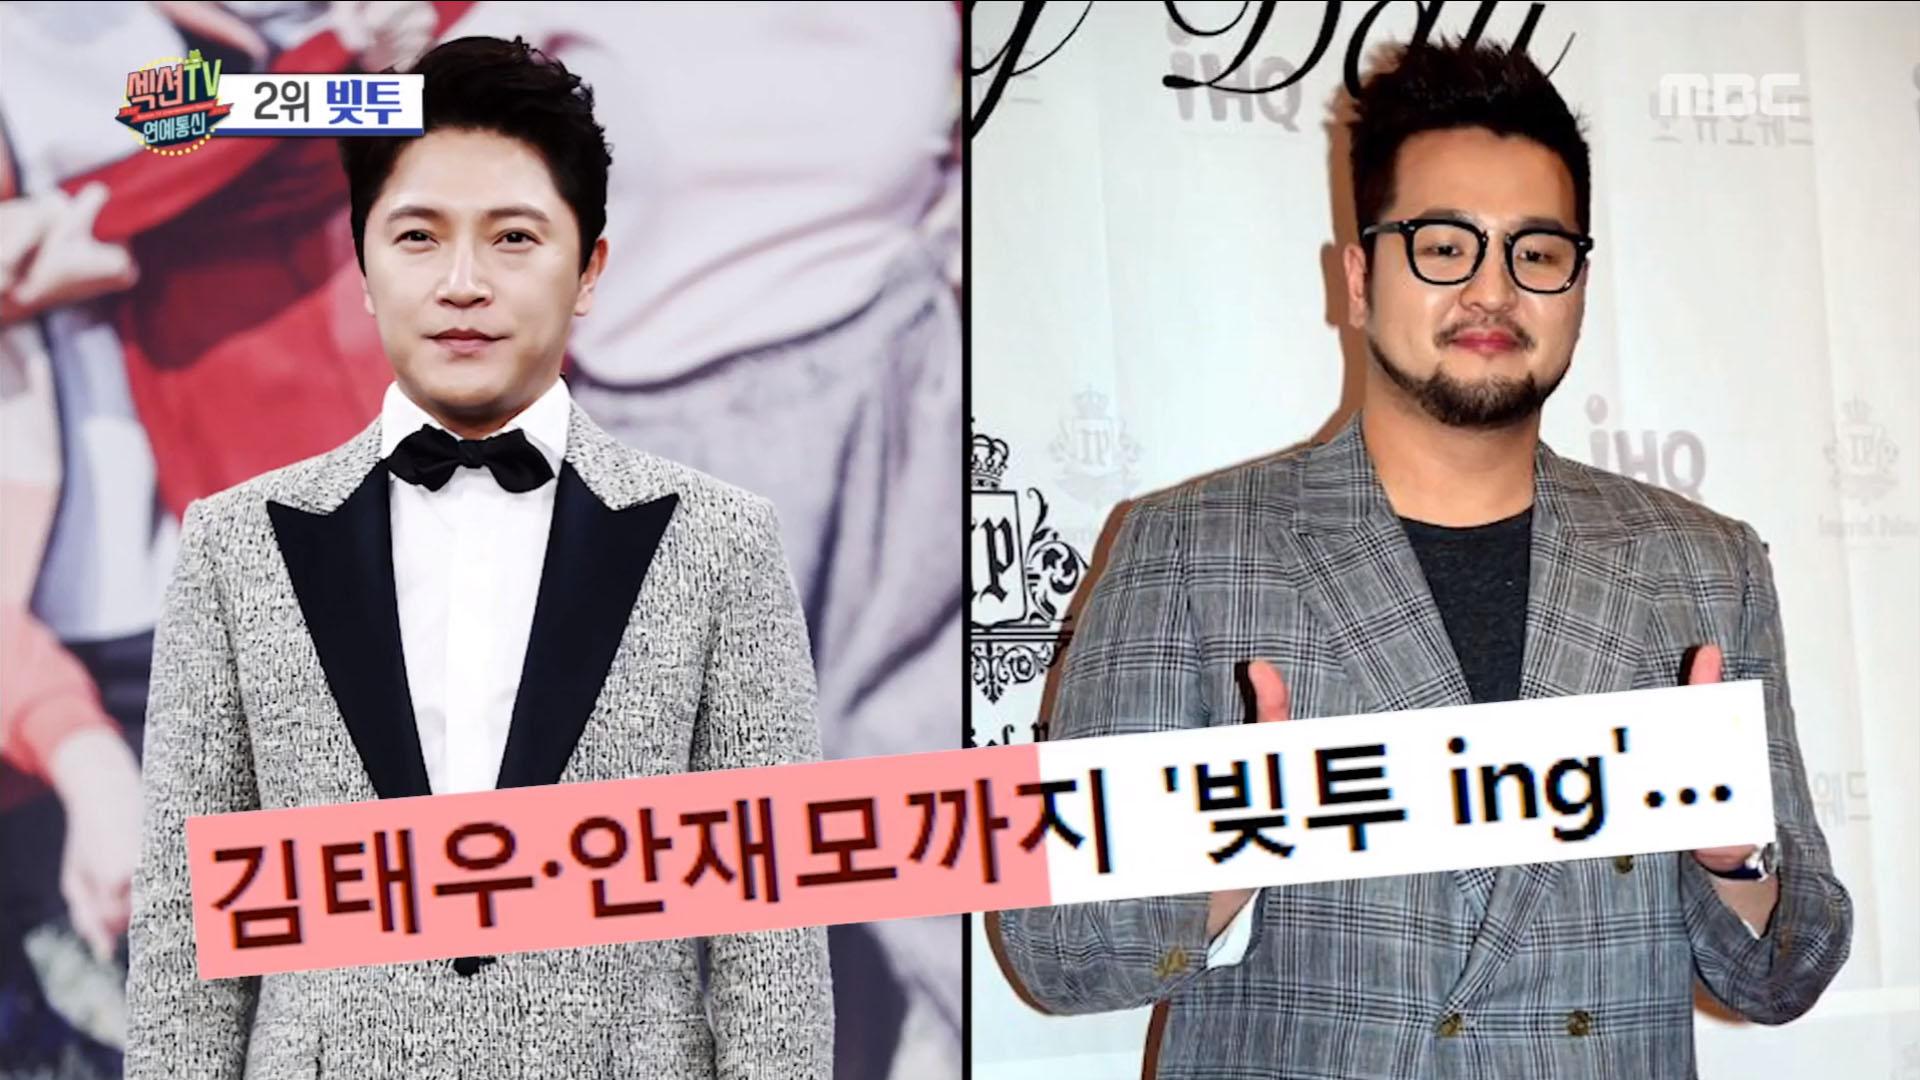 '섹션TV 연예통신' 29일째 '빚투' 논란, 안재모와 김태우까지